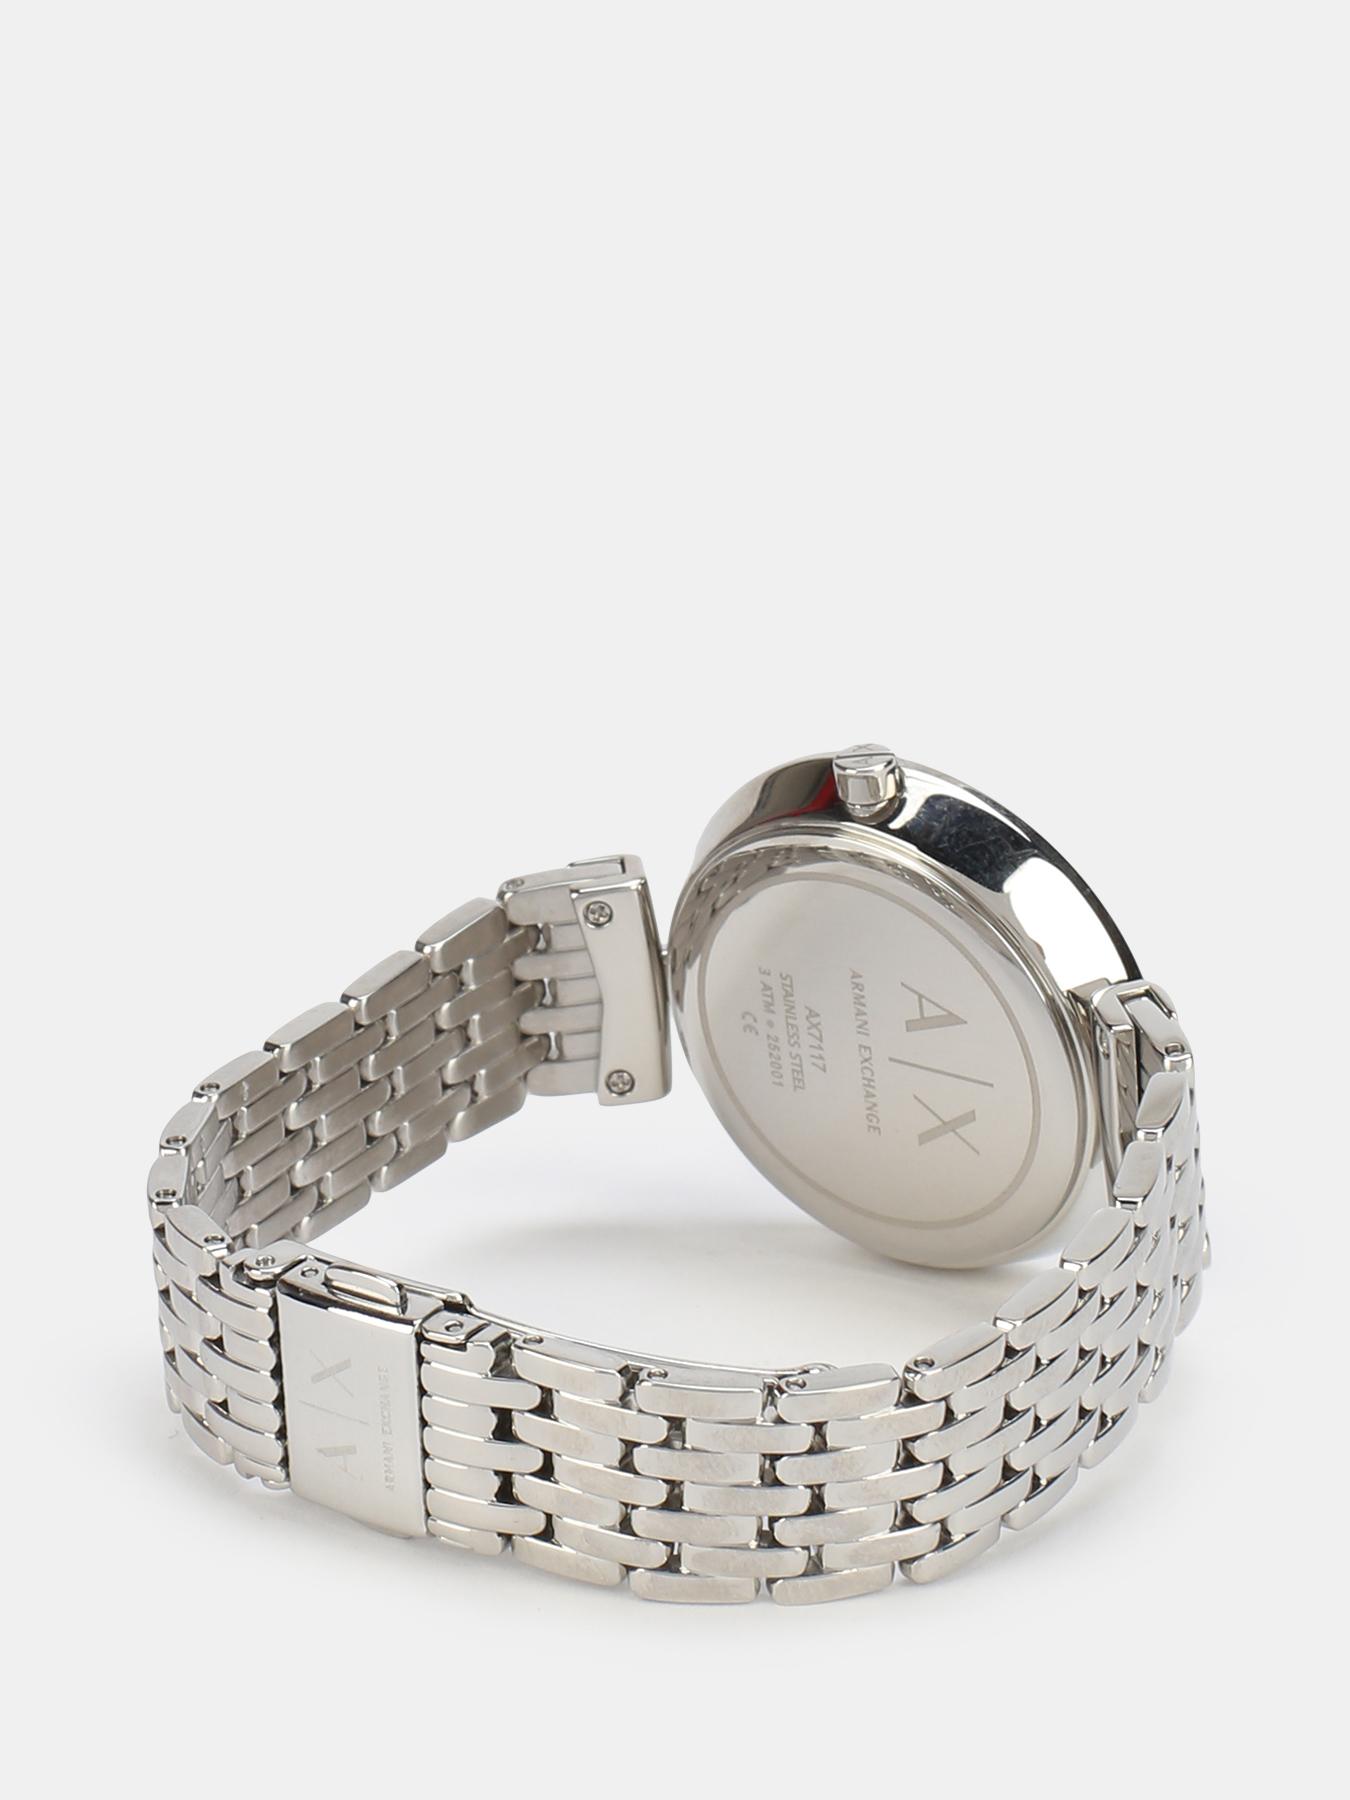 Купить со скидкой Armani Exchange Часы и серьги